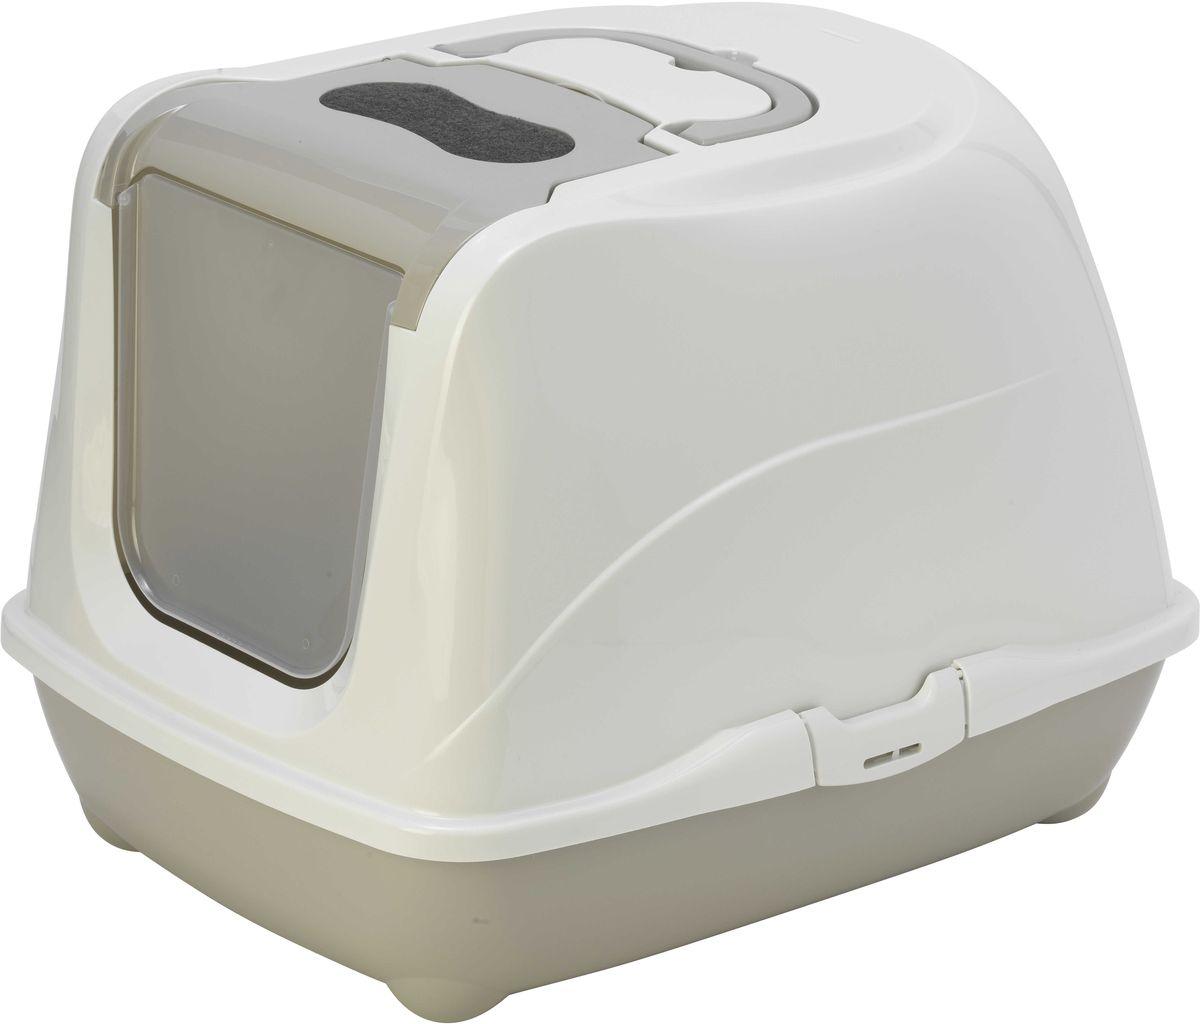 Туалет для больших кошек Moderna  Flip Cat , закрытый , цвет: светло-серый, 58 х 45 х 42 см - Наполнители и туалетные принадлежности